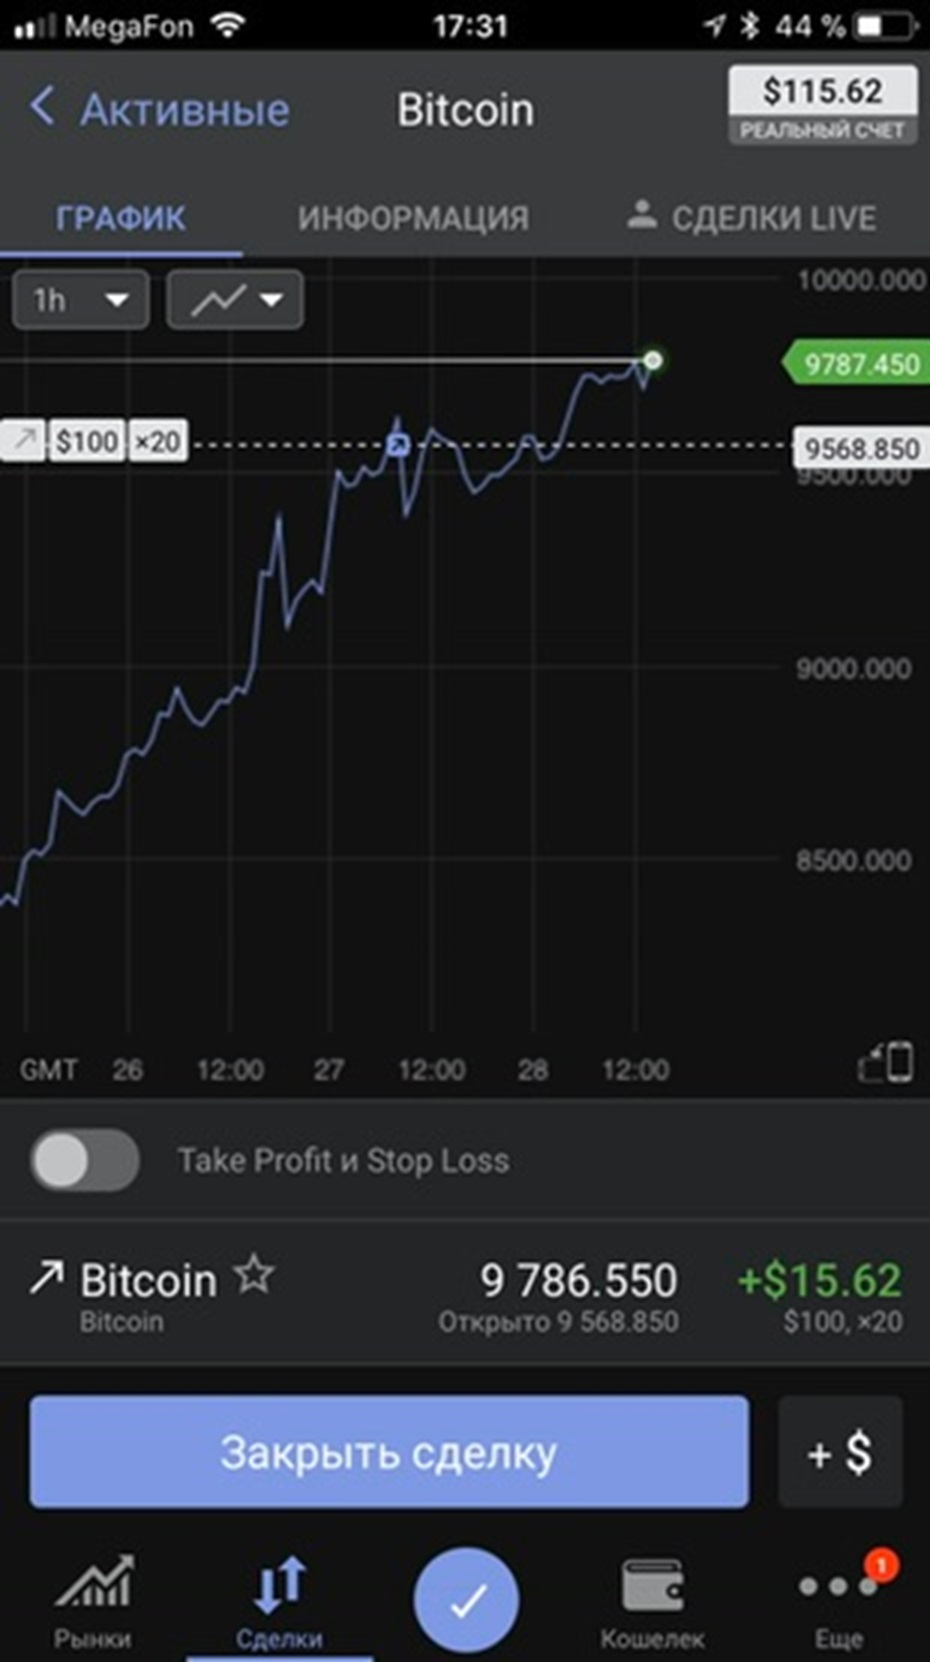 """""""Как я заработал на биткоине $200, но больше не хочу"""" (поучительный опыт)"""